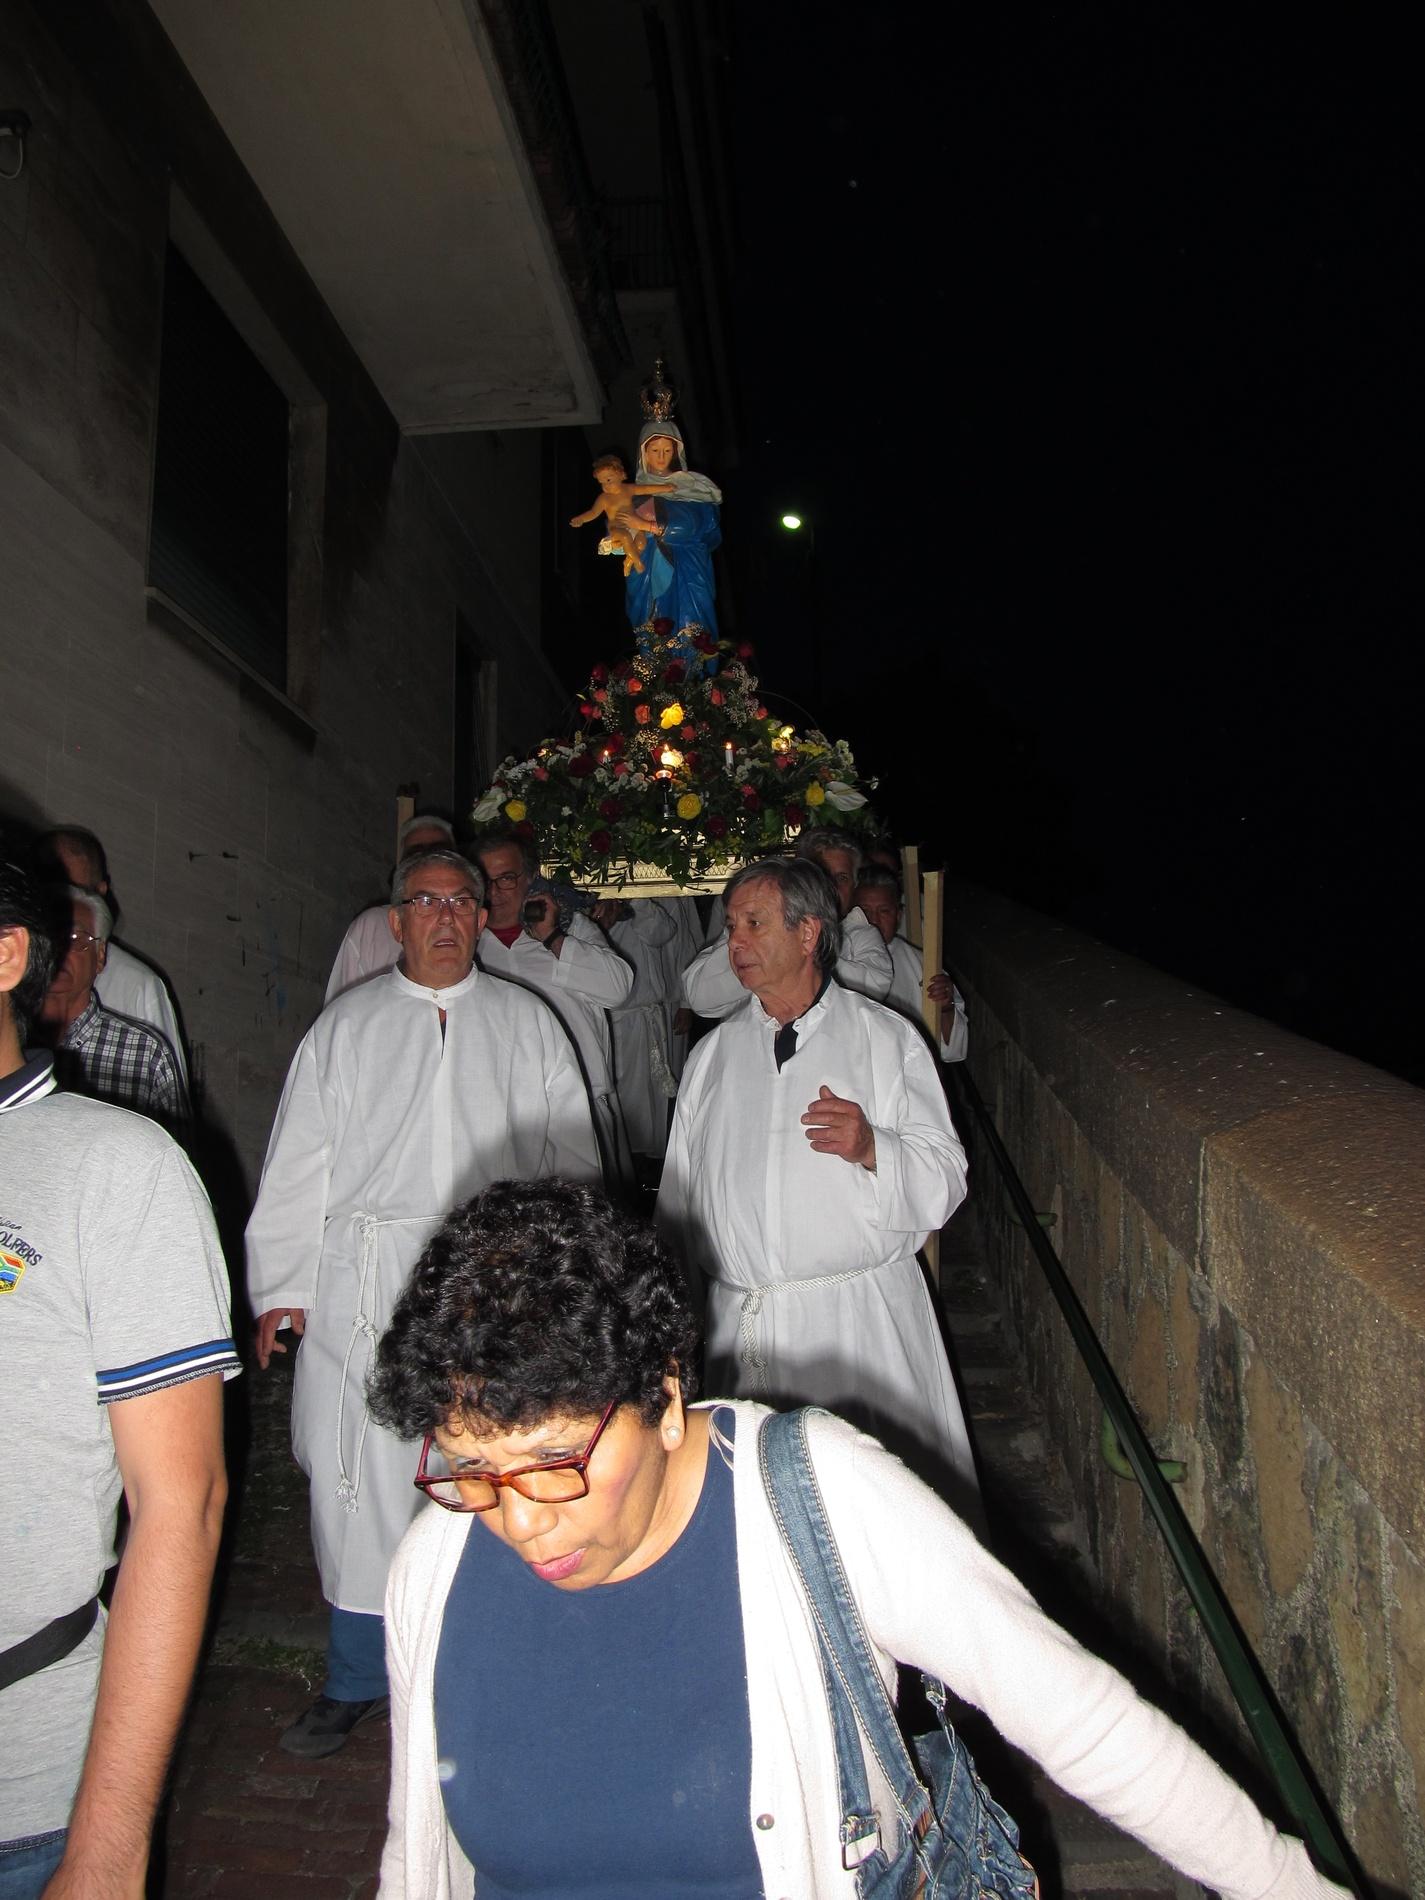 processione-madonna-2015-05-31-21-27-53